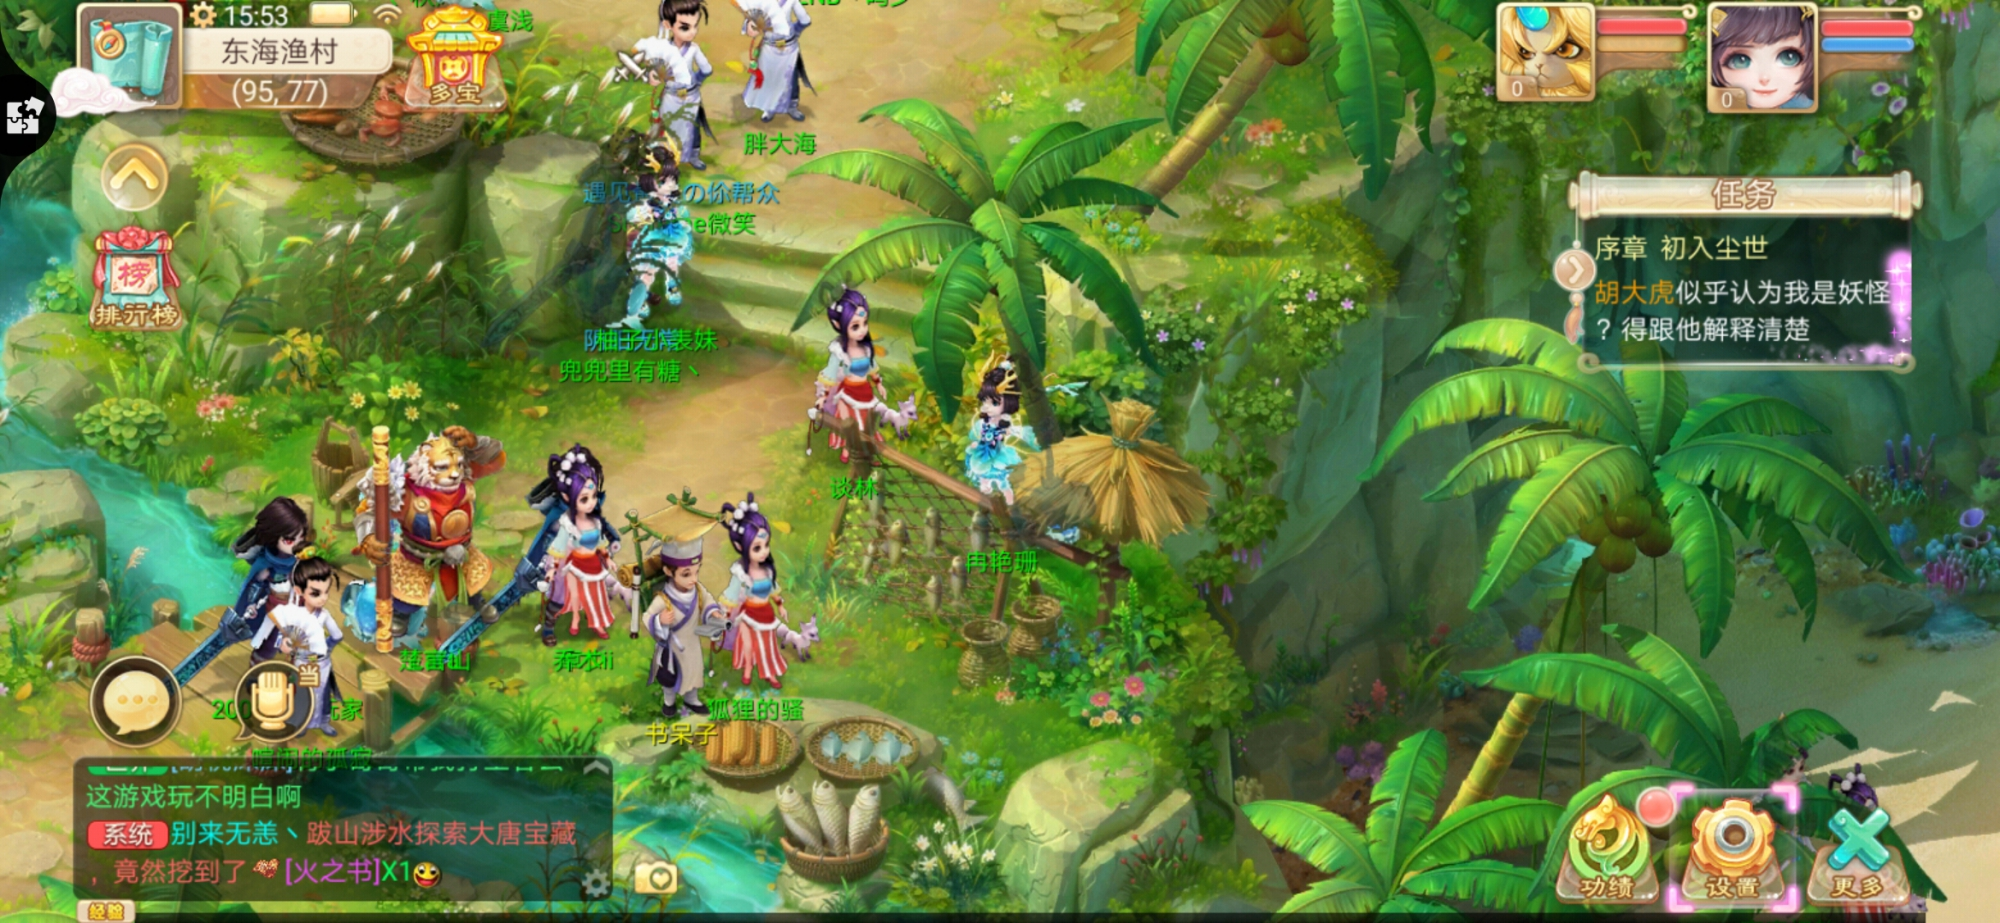 Screenshot_20190911_155315_com.netease.dhxy.huawe.jpg